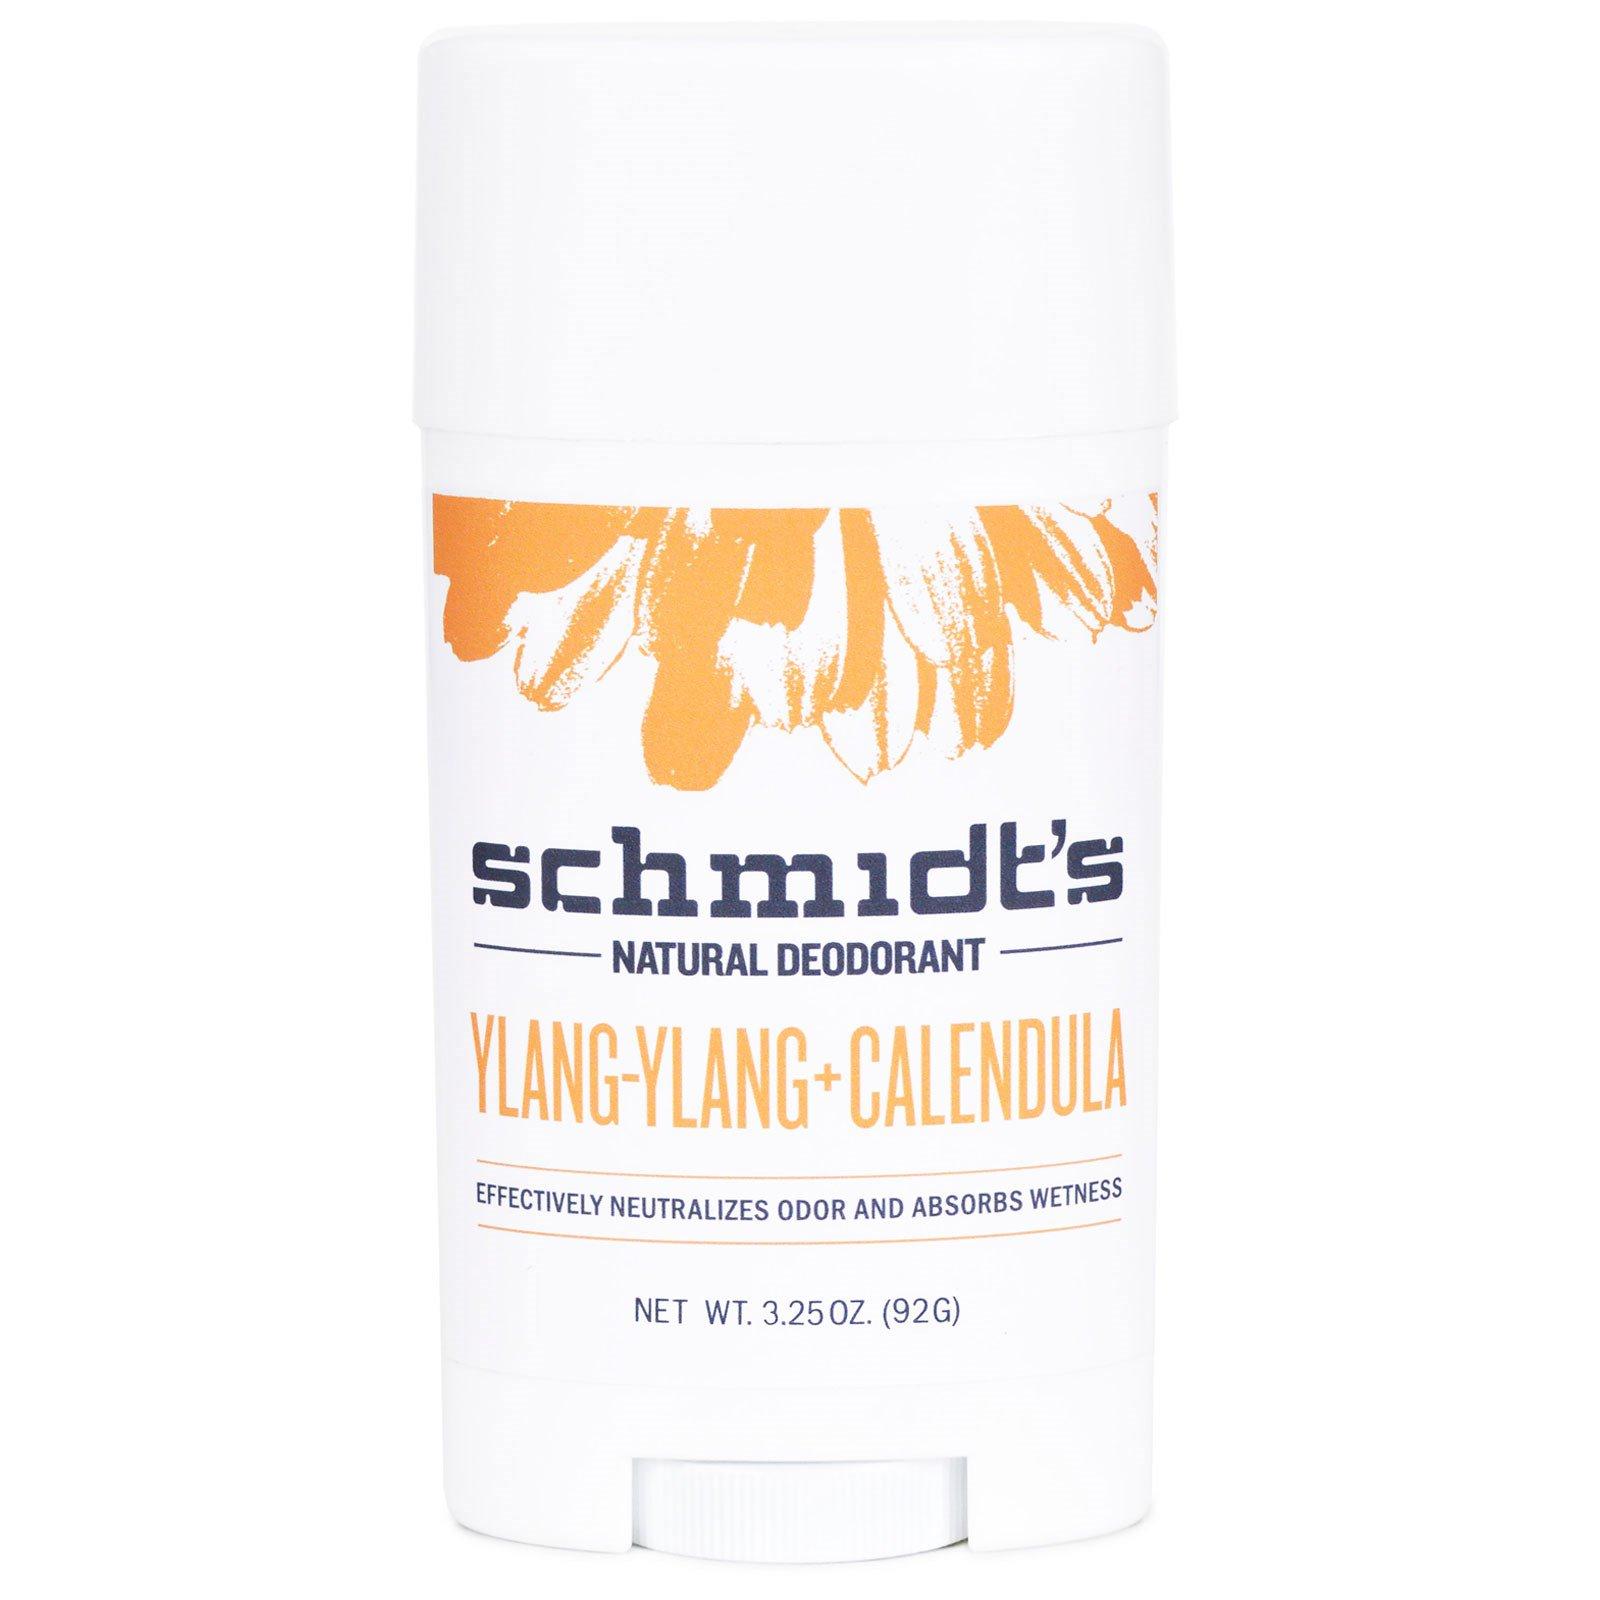 Schmidt's Natural Deodorant, Иланг-Иланг + календула, 3,25 унции (92 г)